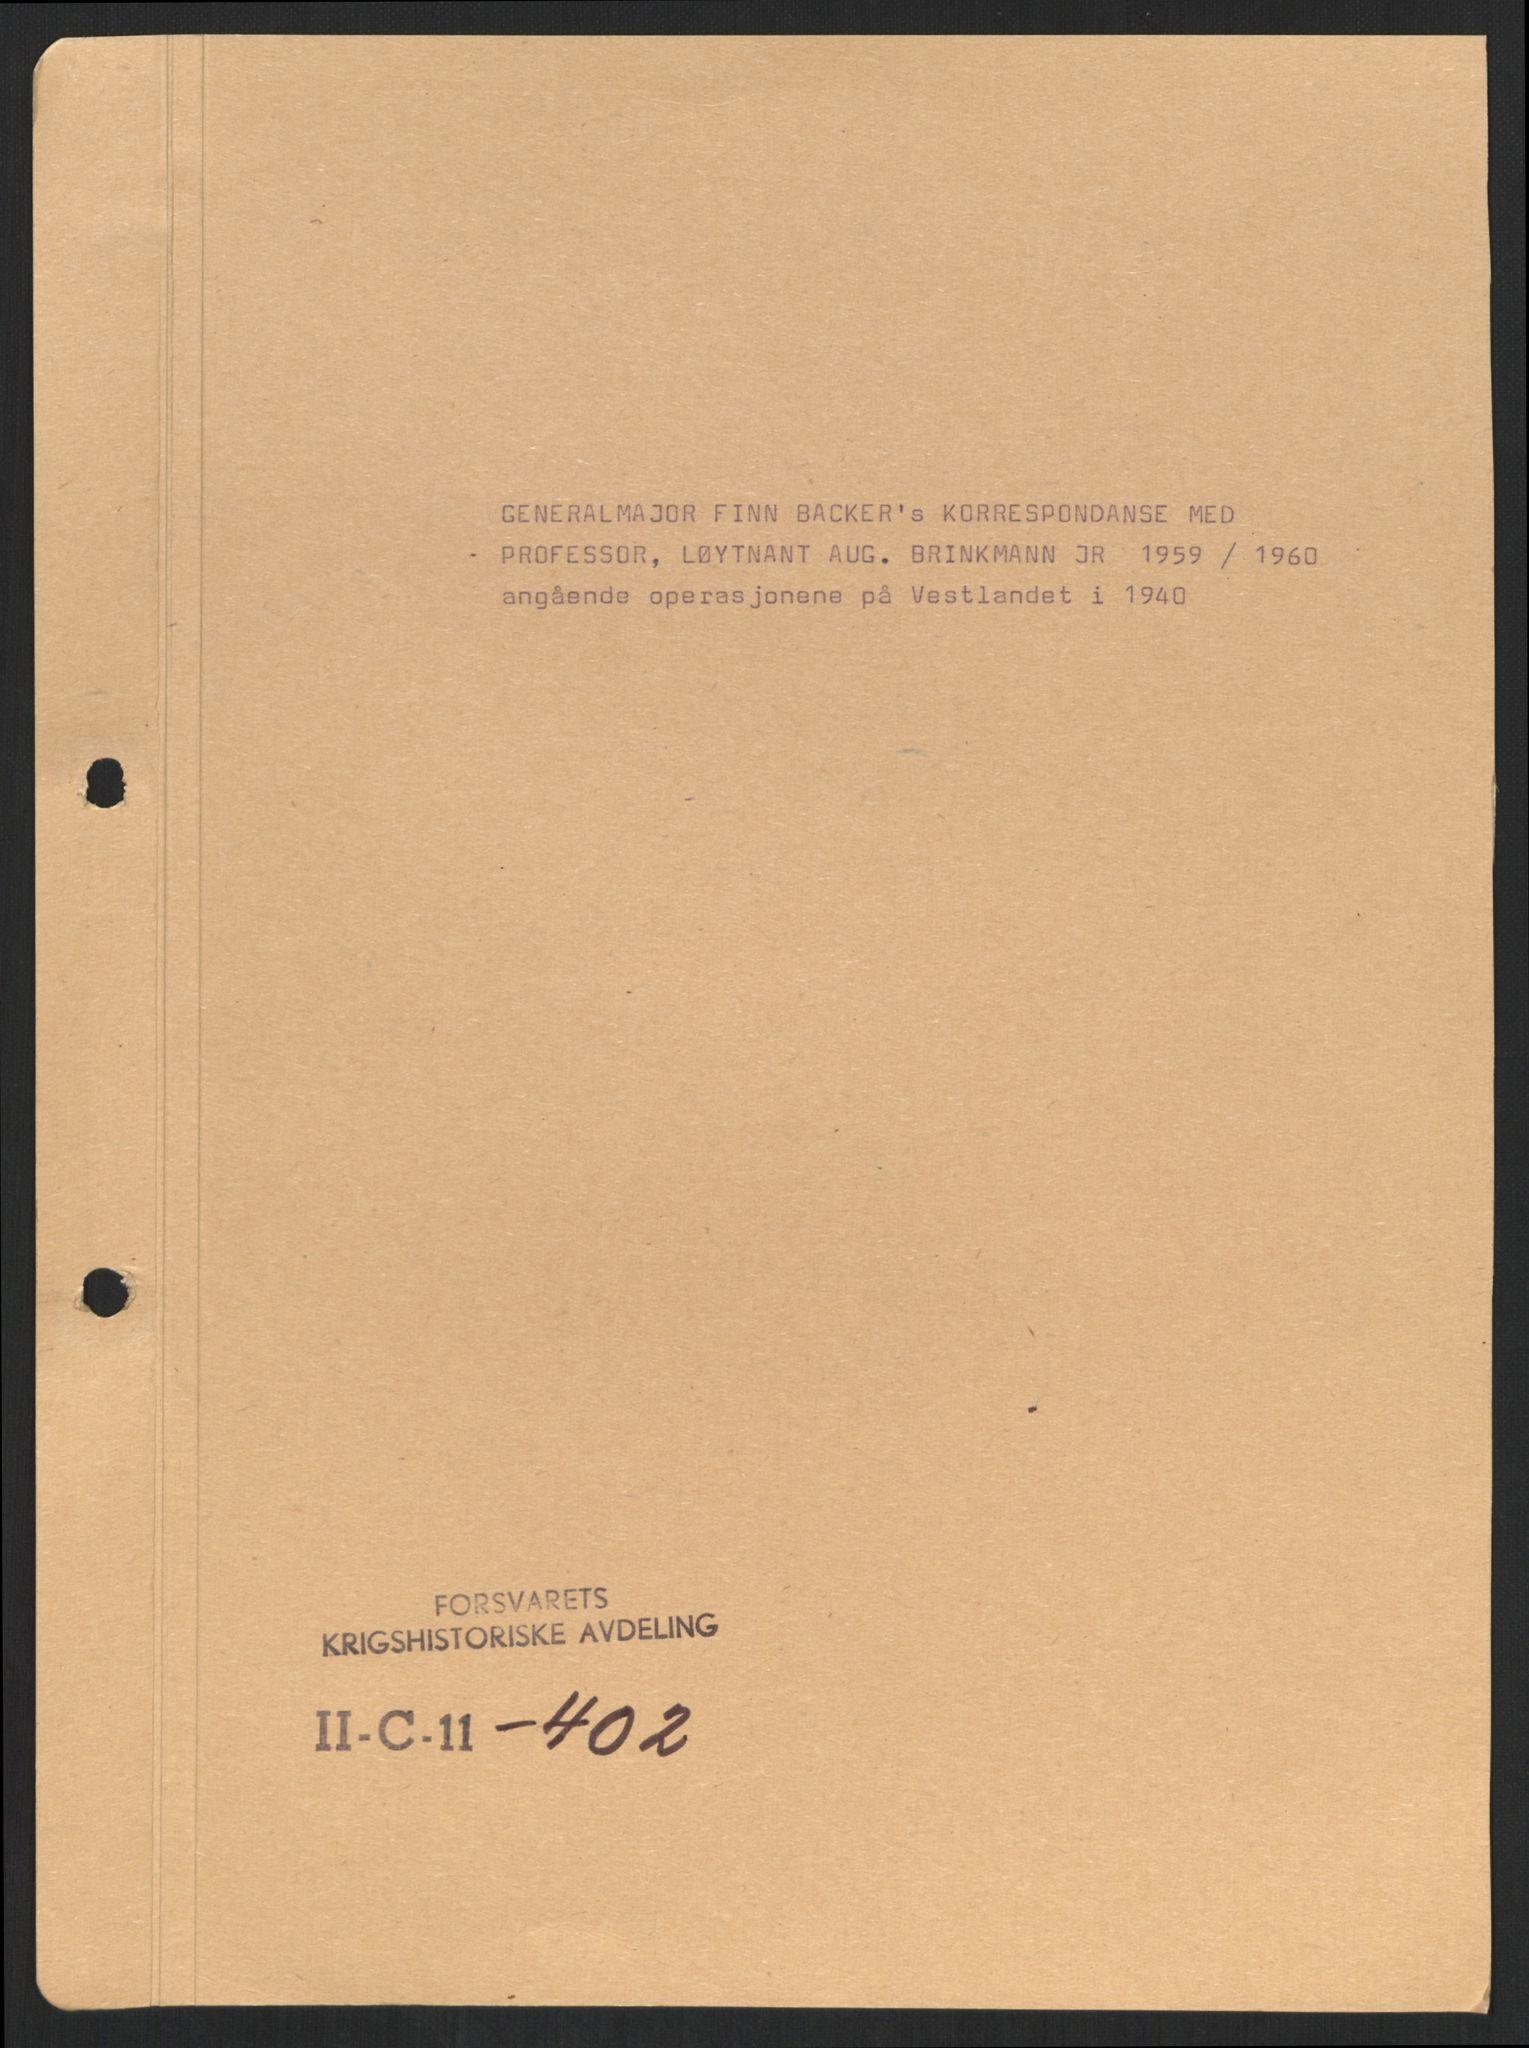 RA, Forsvaret, Forsvarets krigshistoriske avdeling, Y/Yb/L0100: II-C-11-401-402  -  4. Divisjon., 1940-1962, s. 448